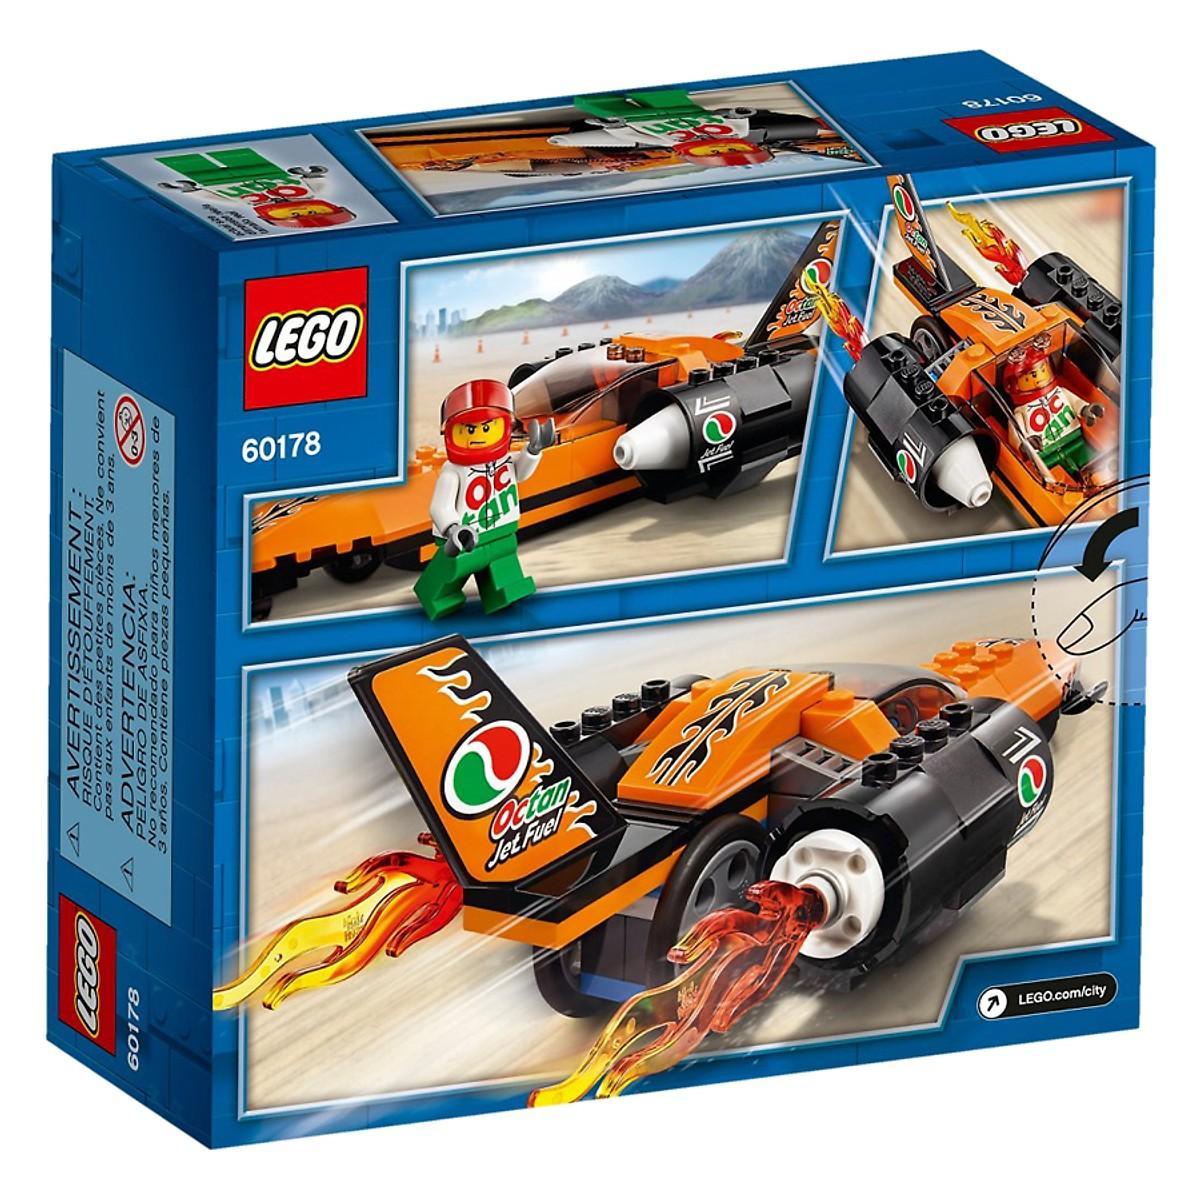 Mô Hình Lắp Ráp Lego Xe Siêu Tốc Độ 60178- Hàng chính hãng MYKINGDOM